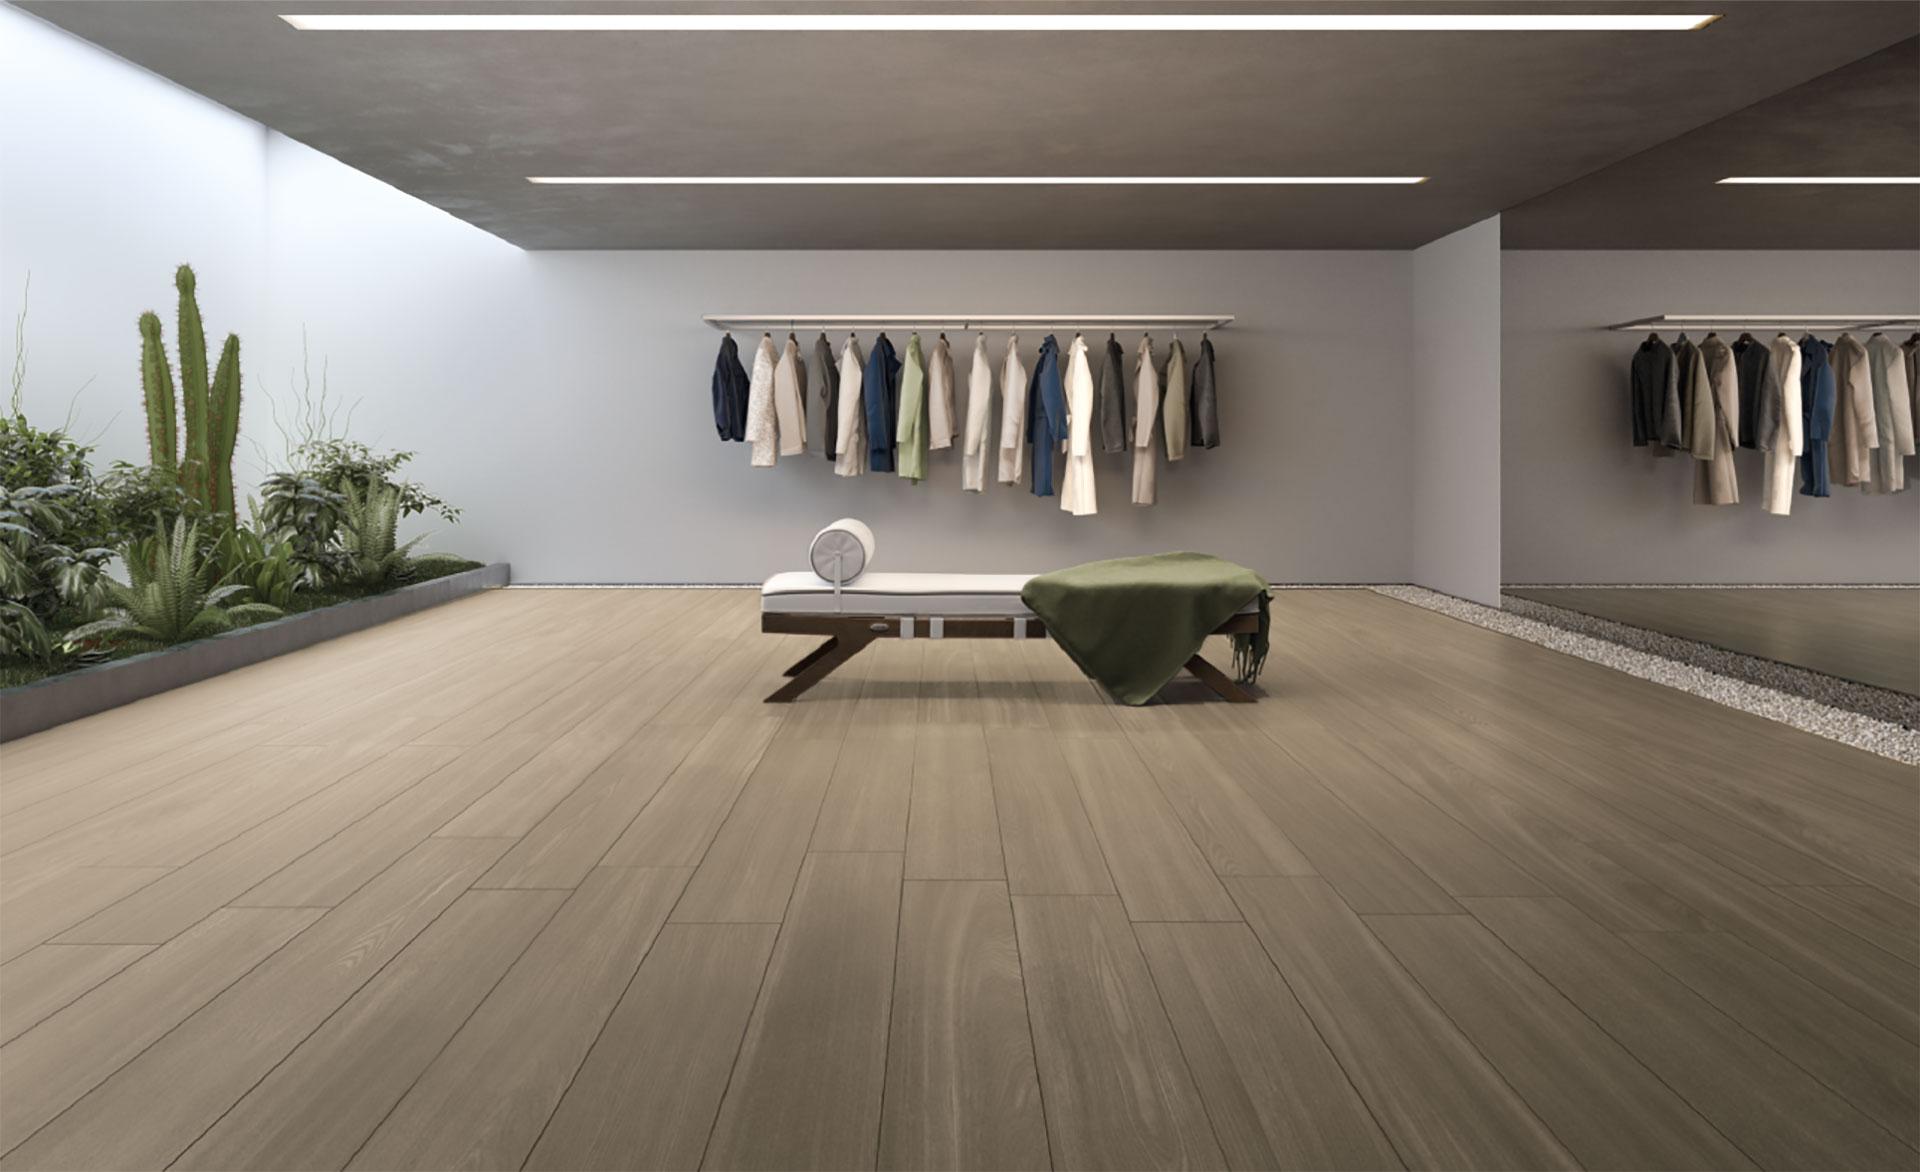 Wärme und Helligkeit für Fußböden 2018 in der Holzoptik Deck von Iris Ceramica